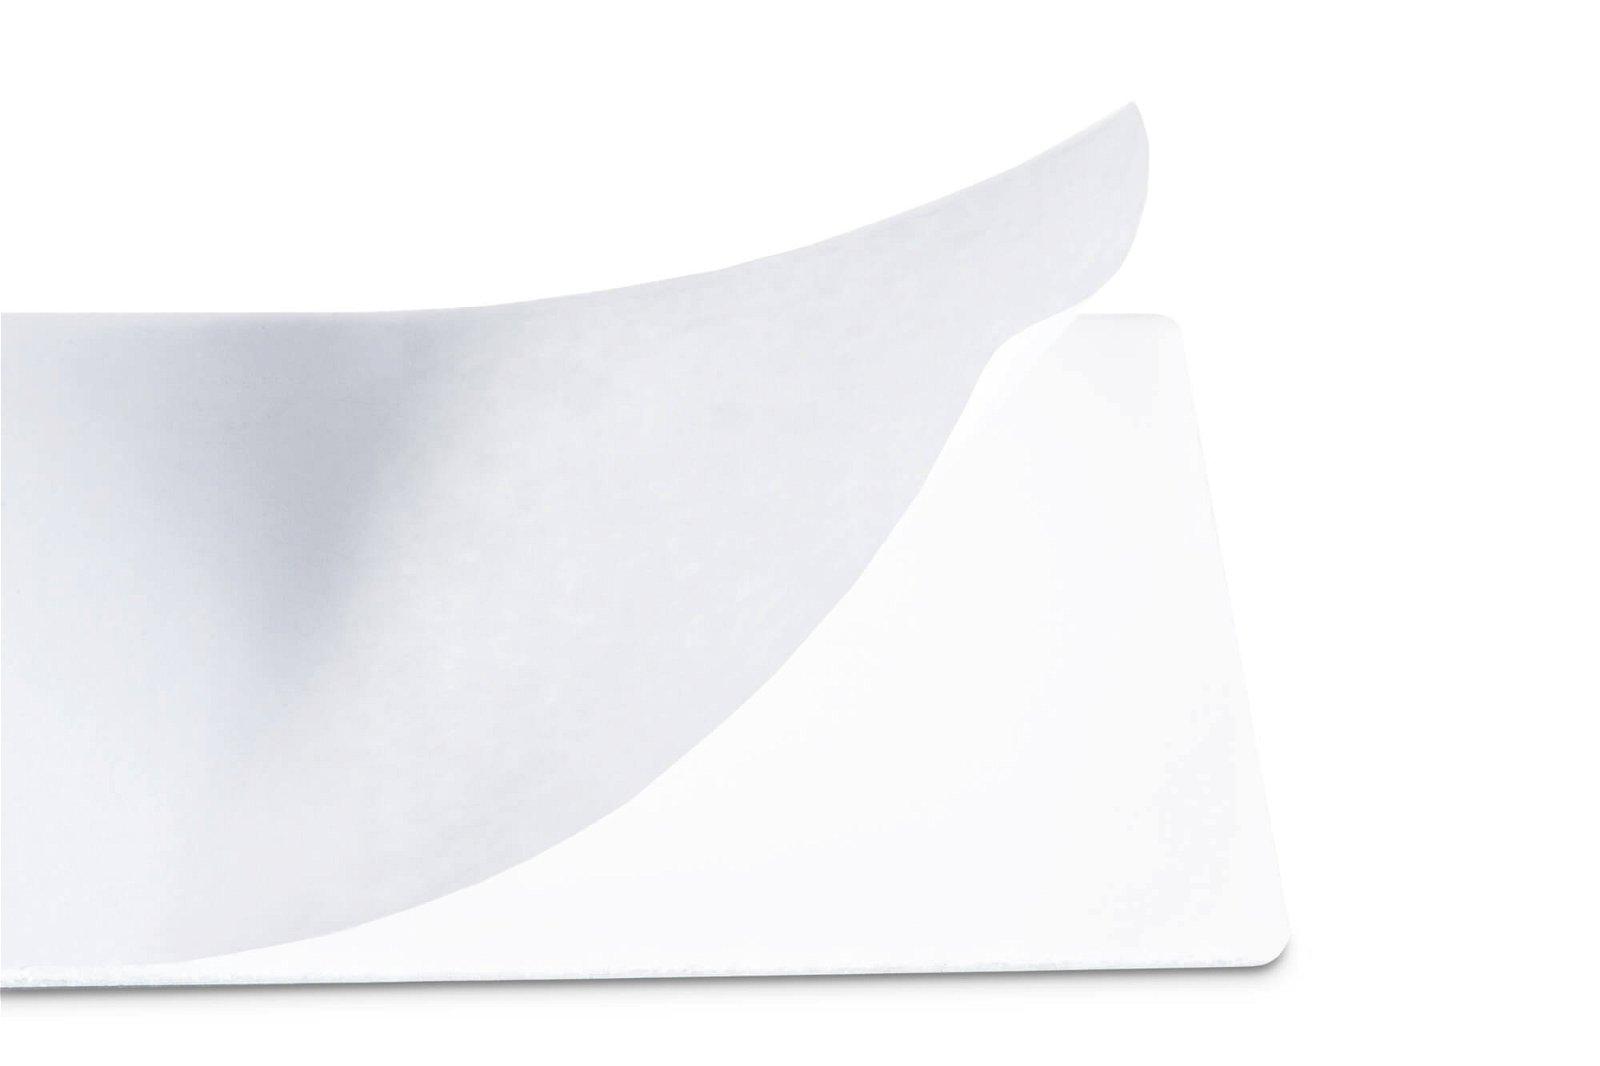 Ferroleiste MAULsolid, Länge 50 cm, weiß